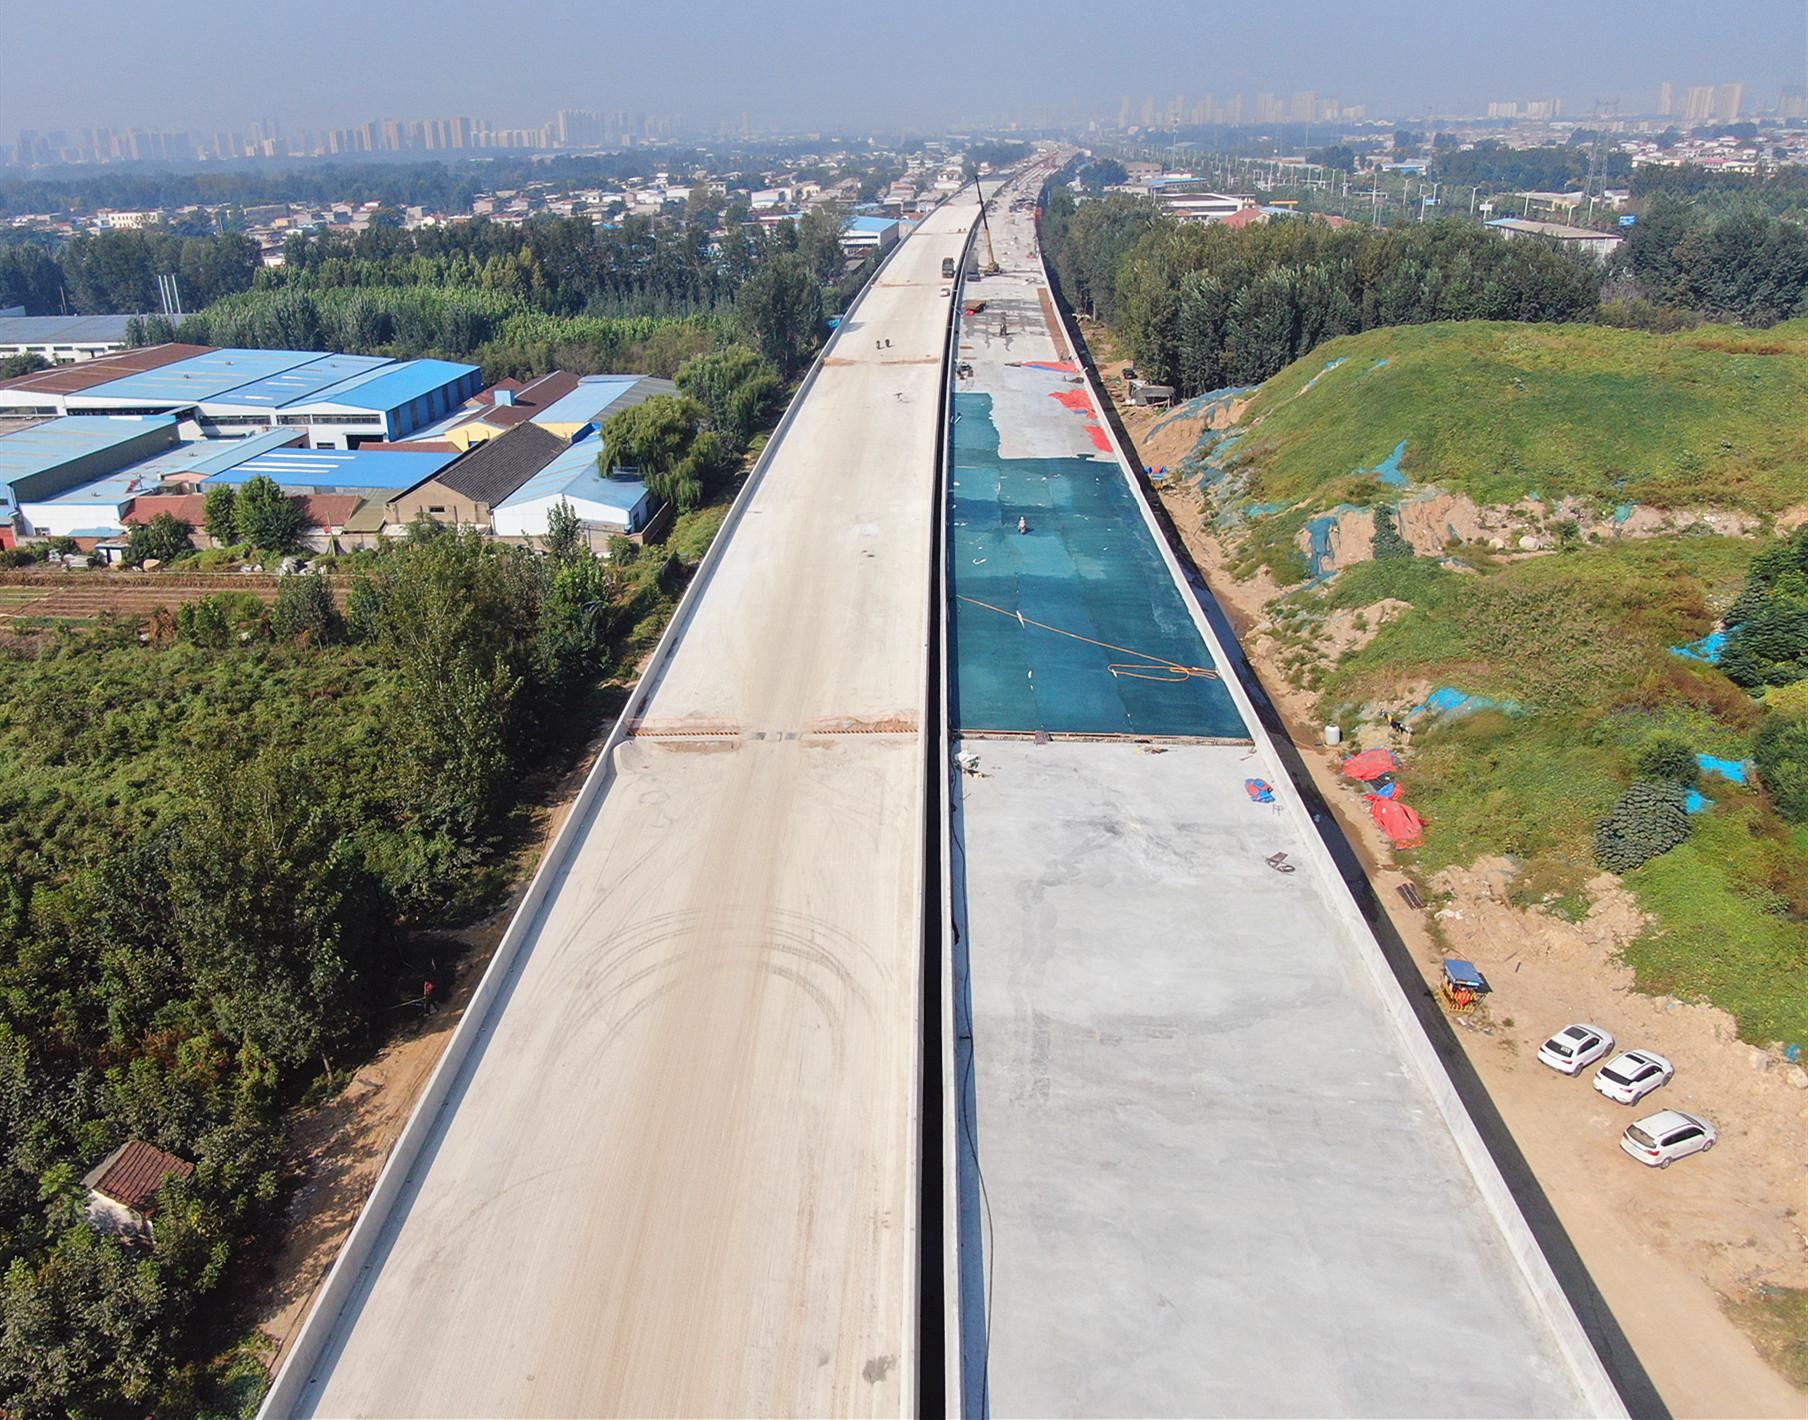 青兰高速莱泰高速改扩建施工现场,拍摄者徐亚亚.JPG